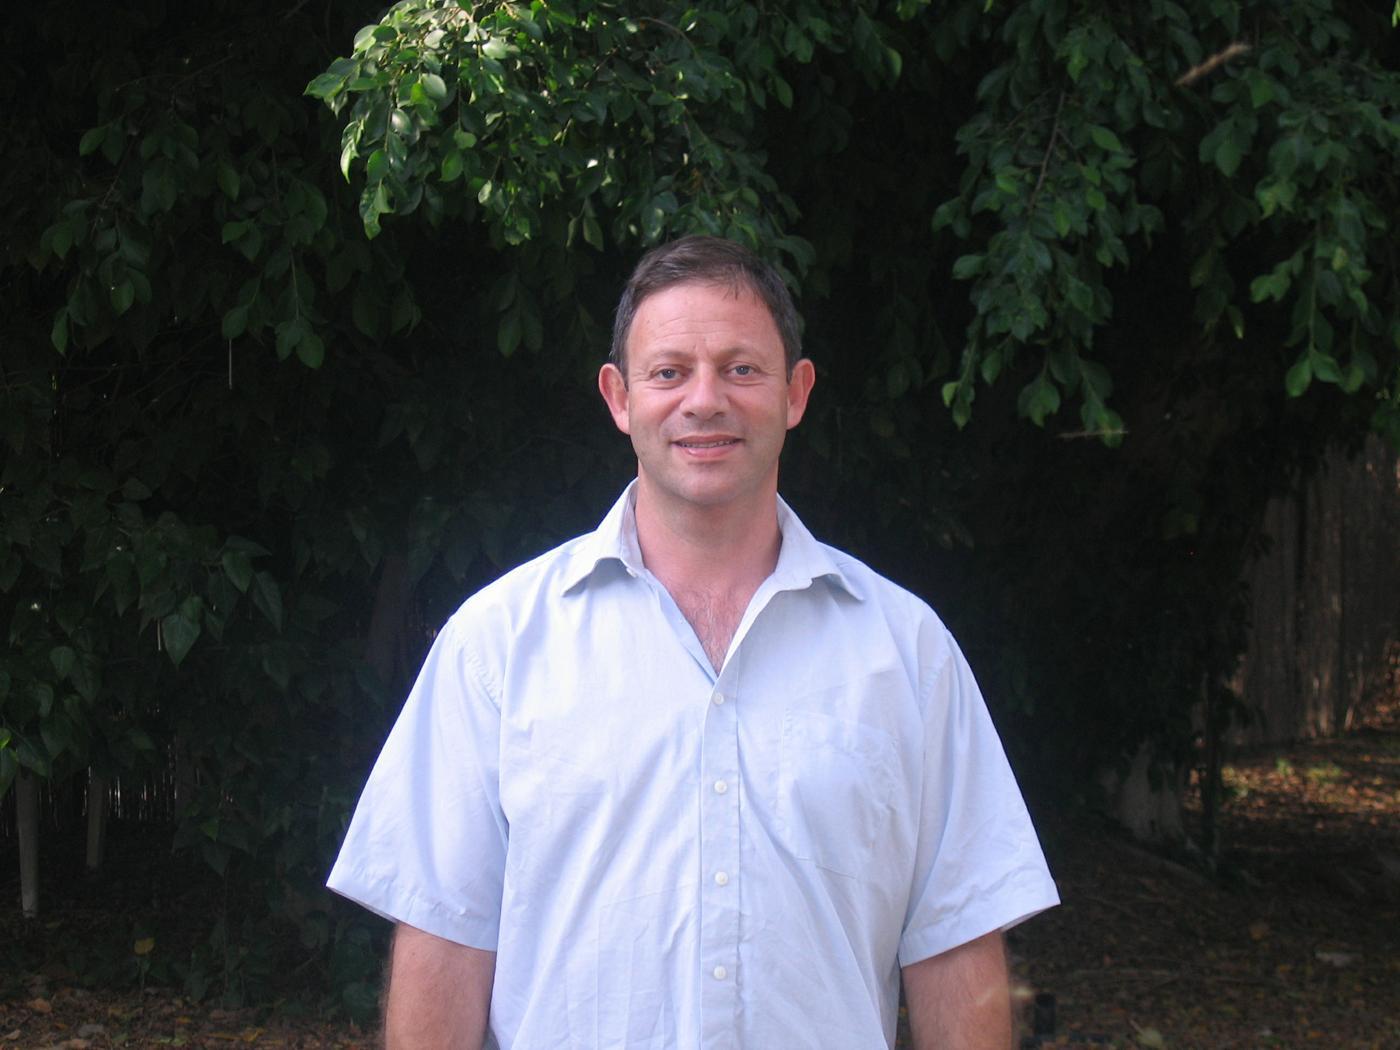 Philippe Scheimann